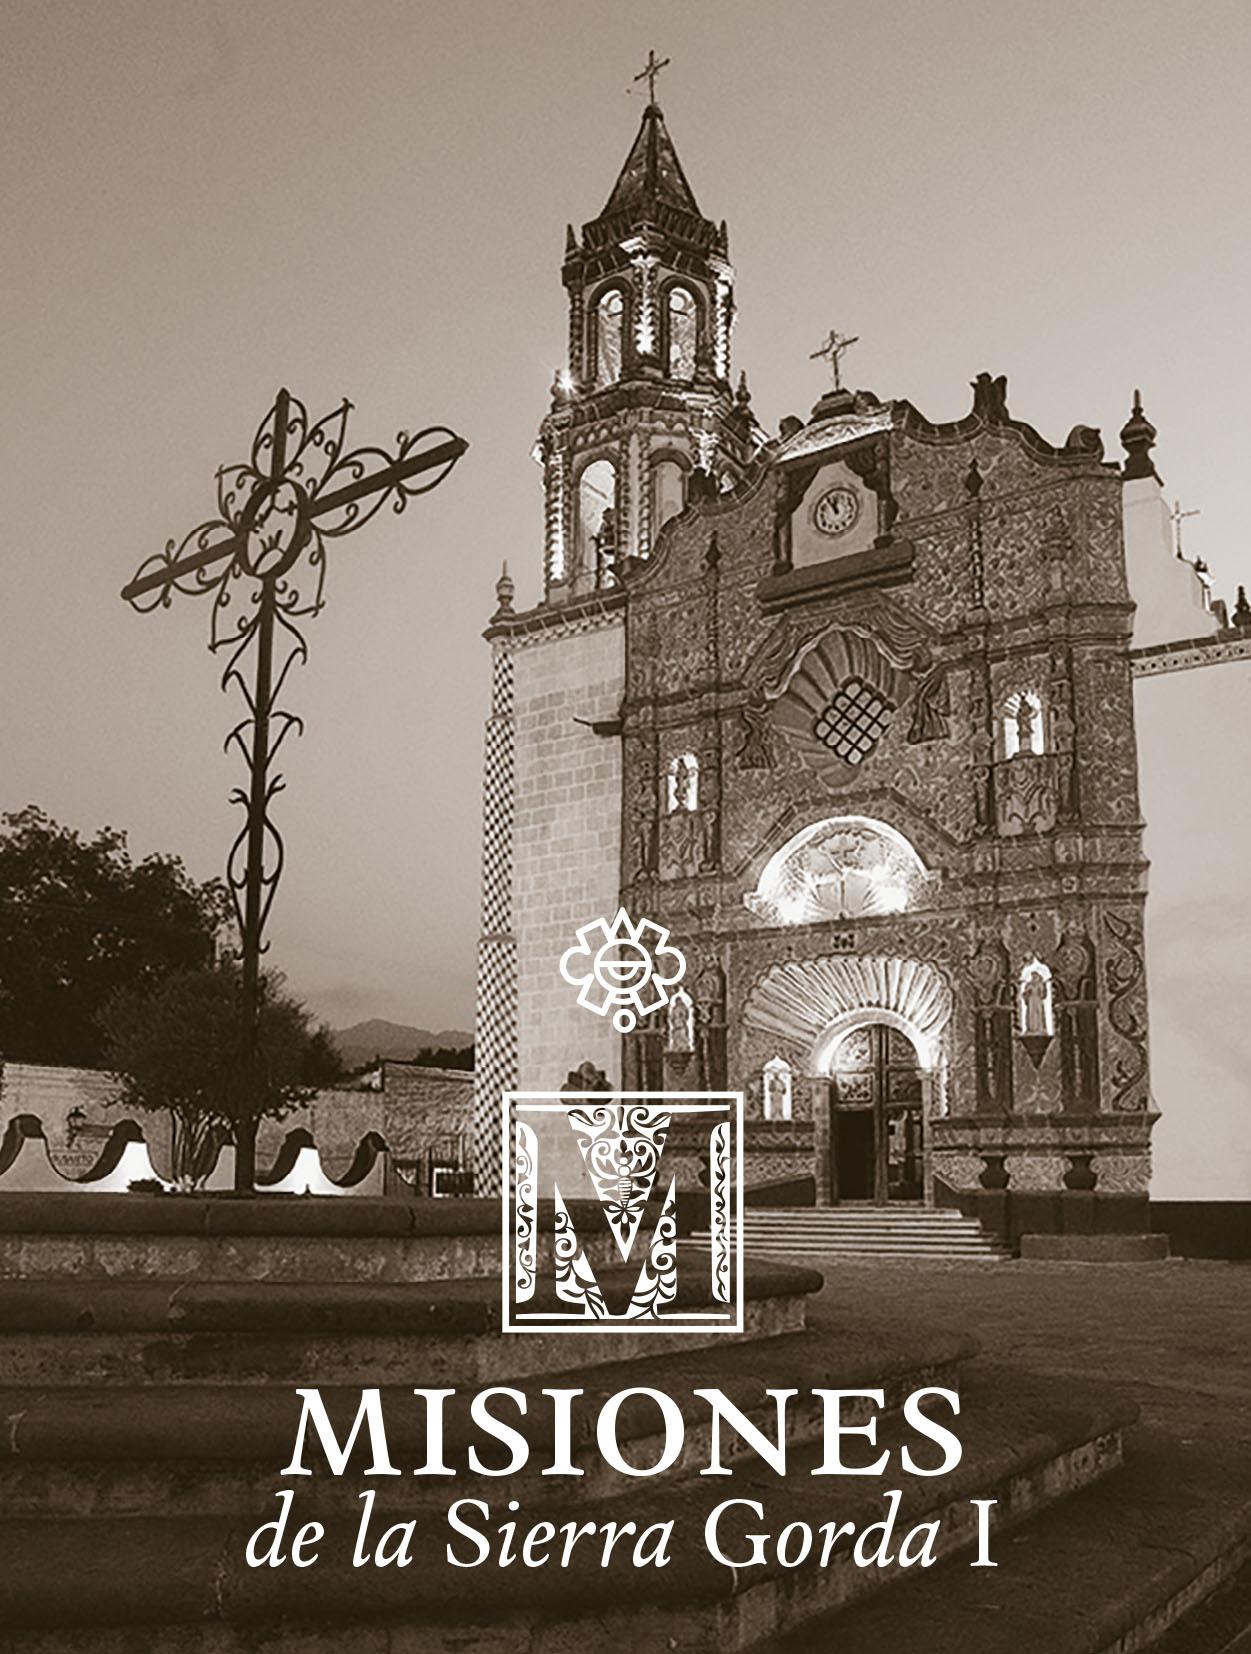 Misiones de la Sierra Gorda I